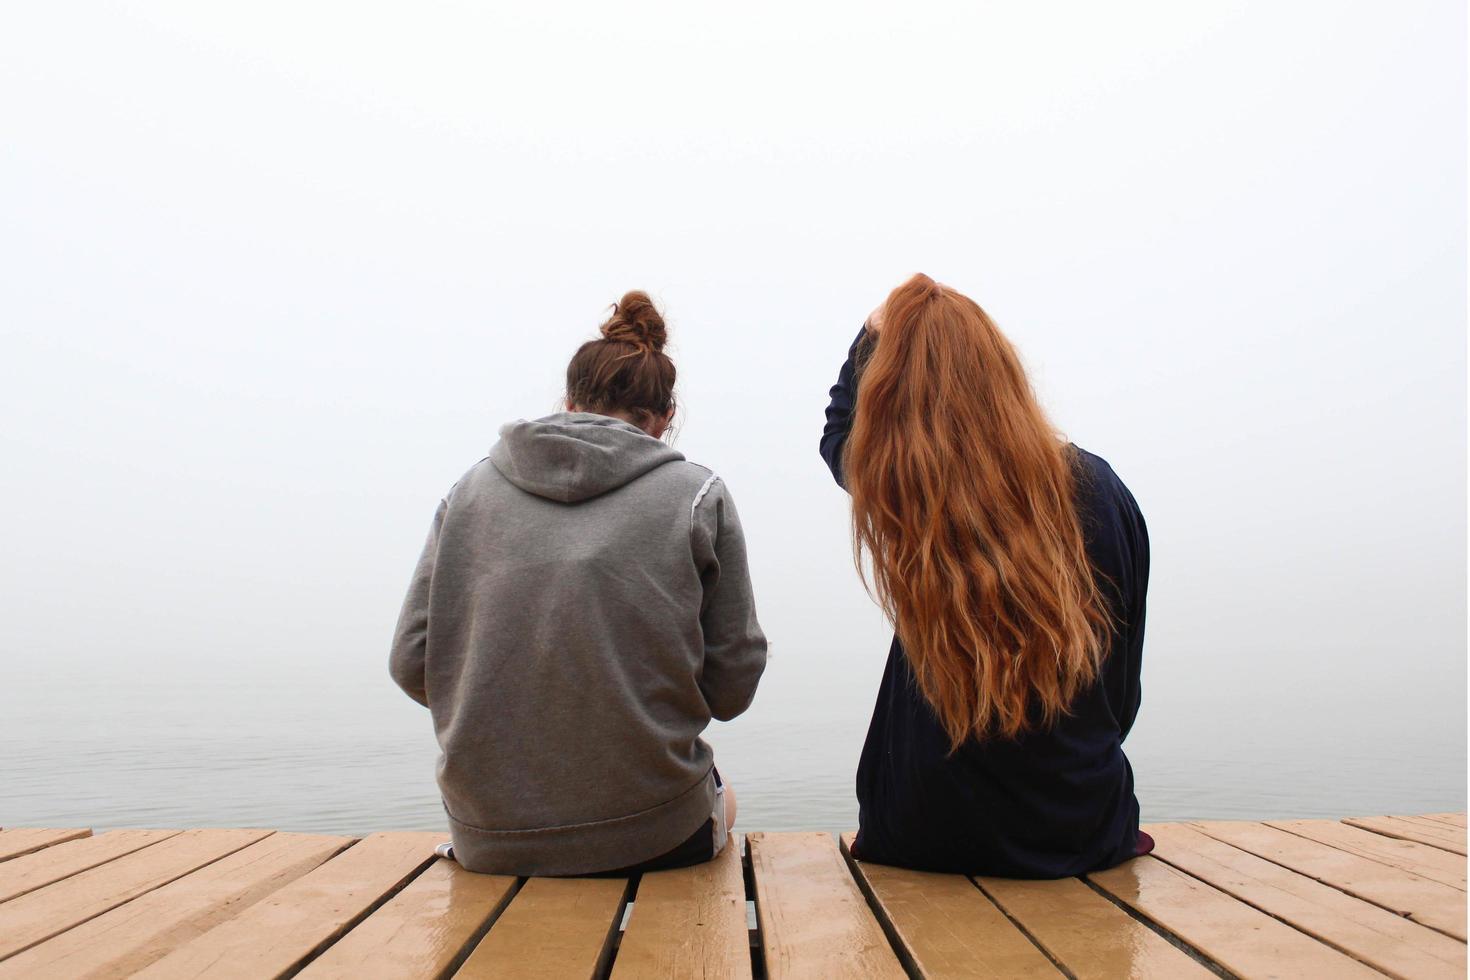 dos mujeres sentadas en un muelle de madera foto